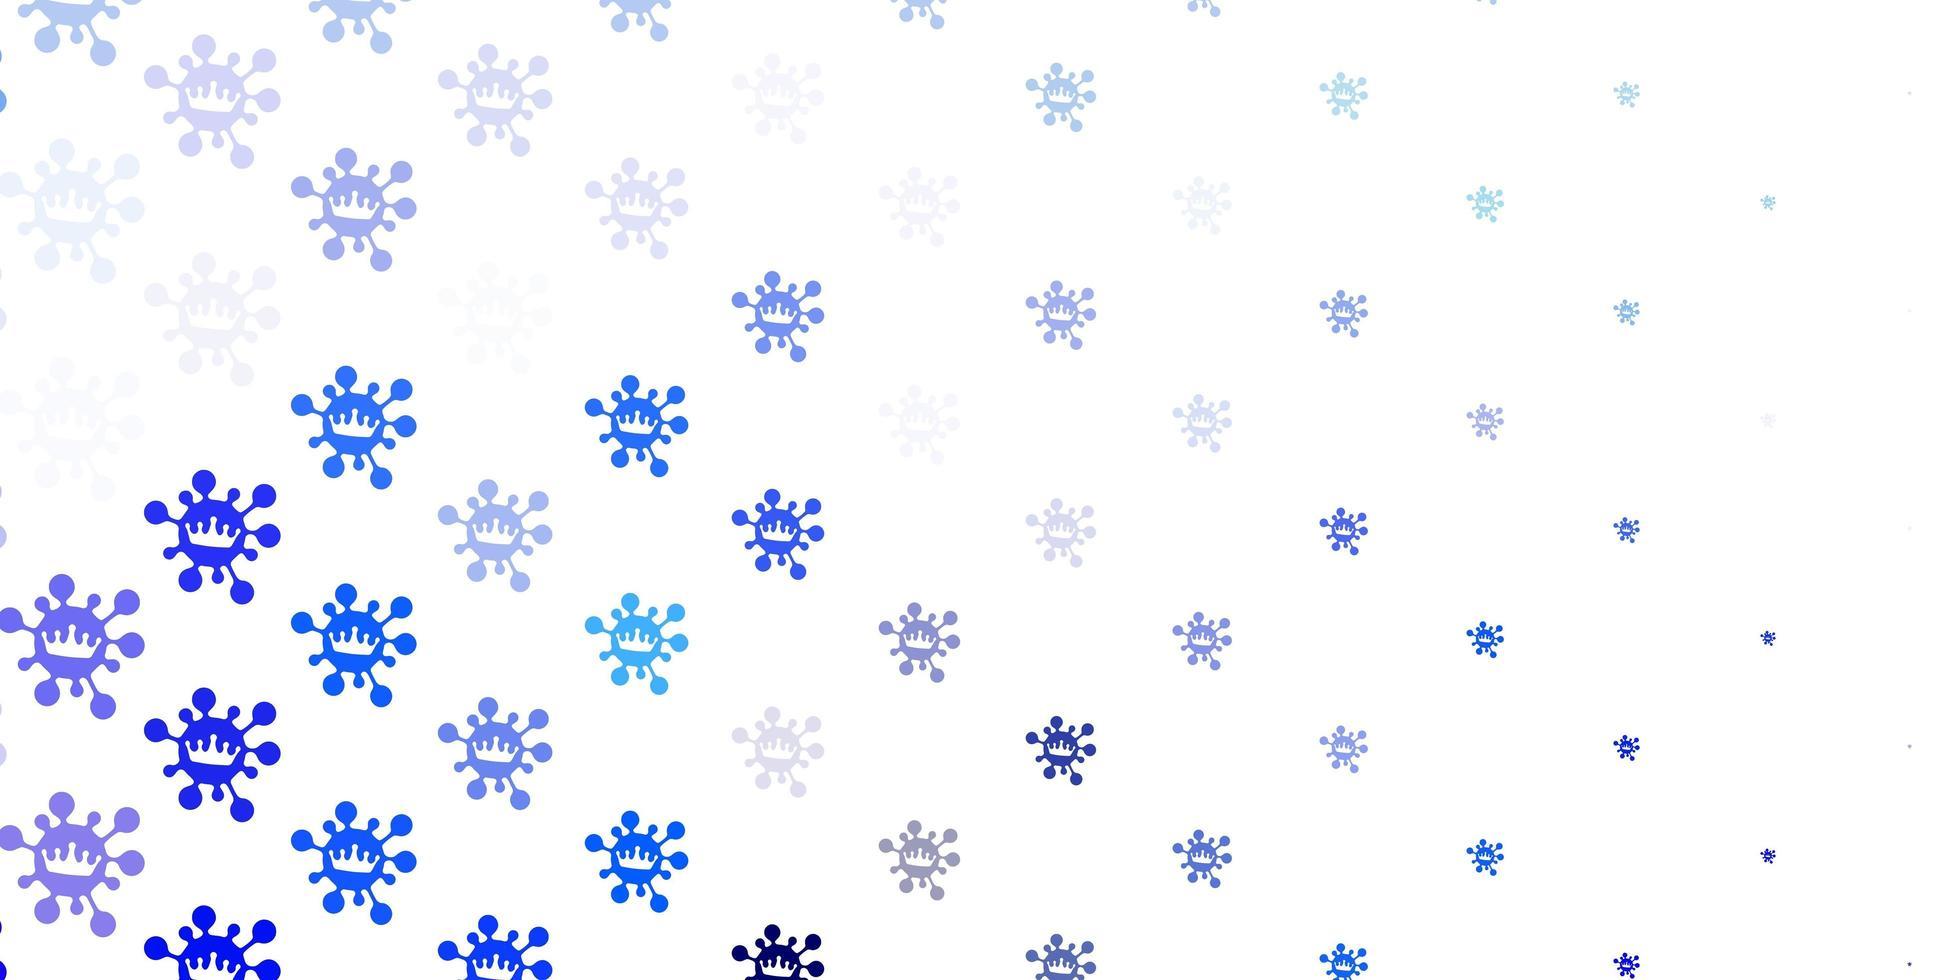 Fondo de vector rosa claro, azul con símbolos de virus